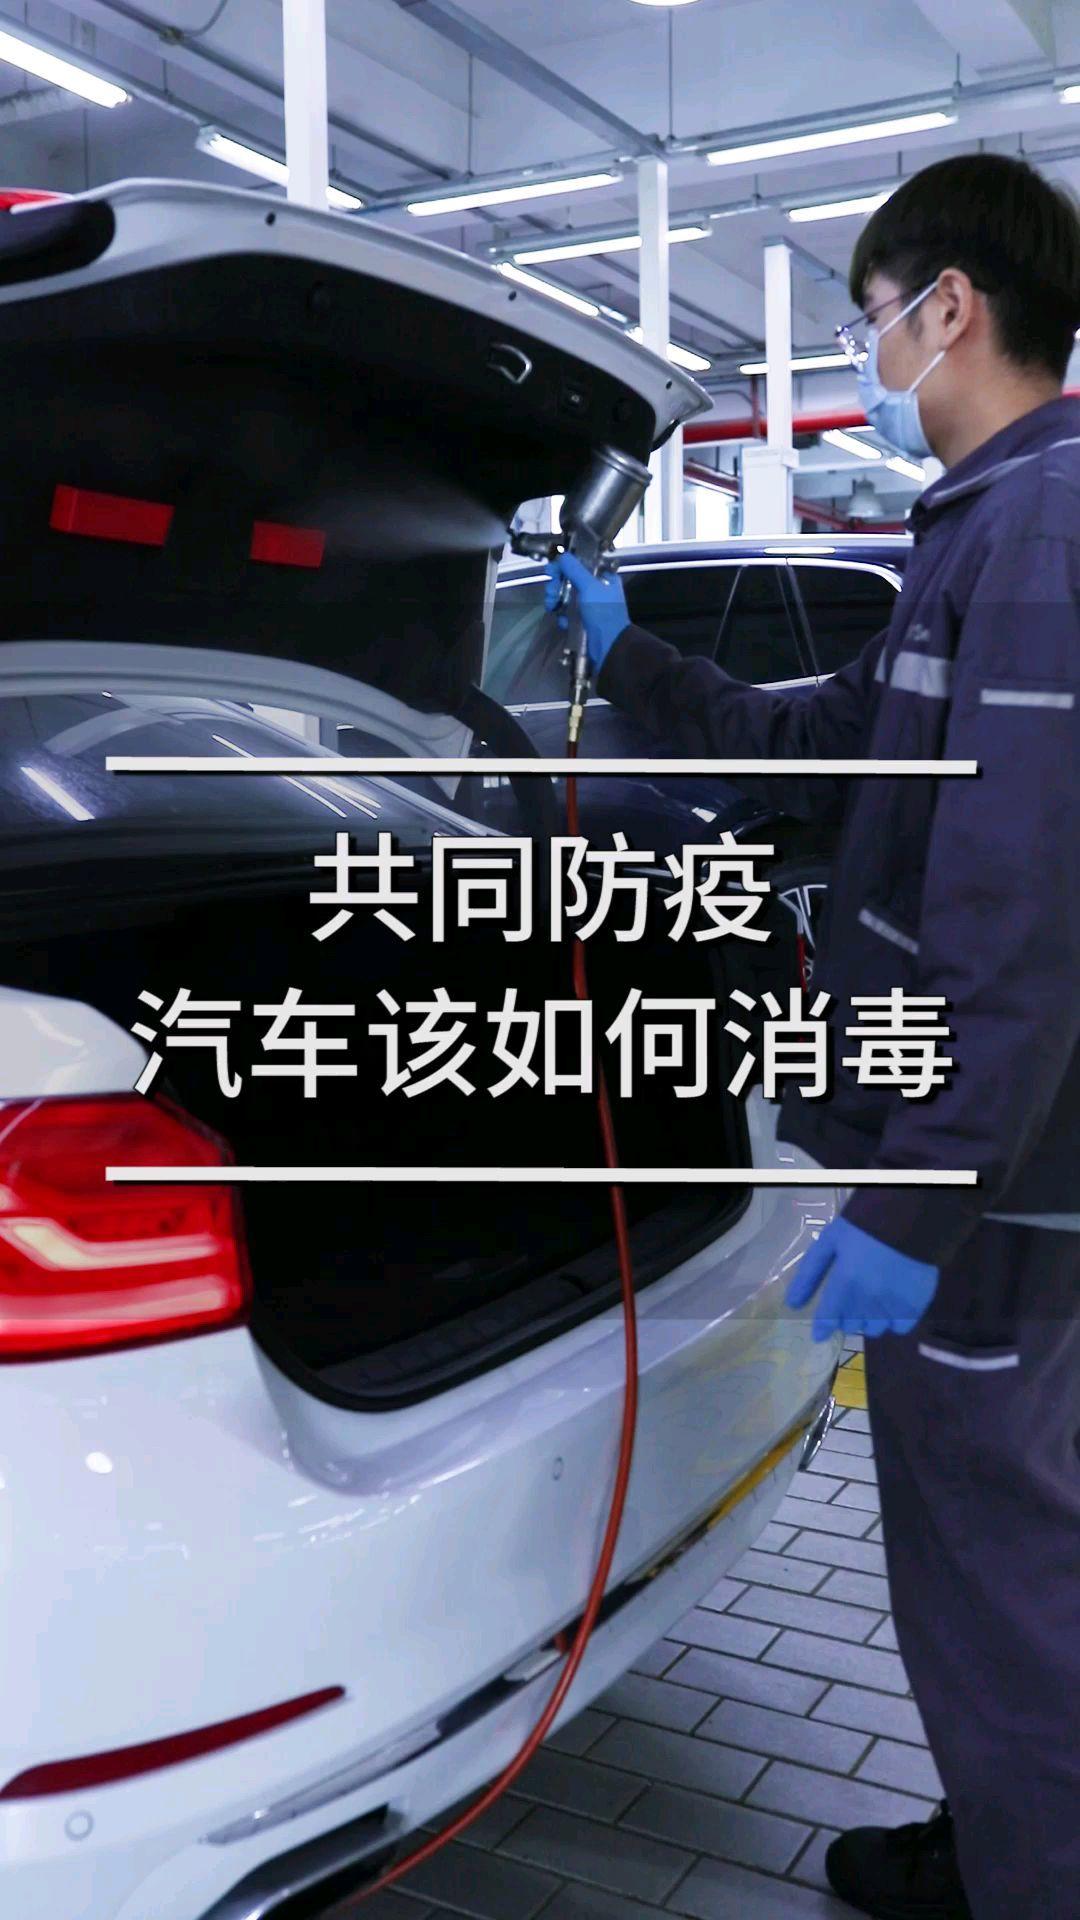 汽车该如何消毒